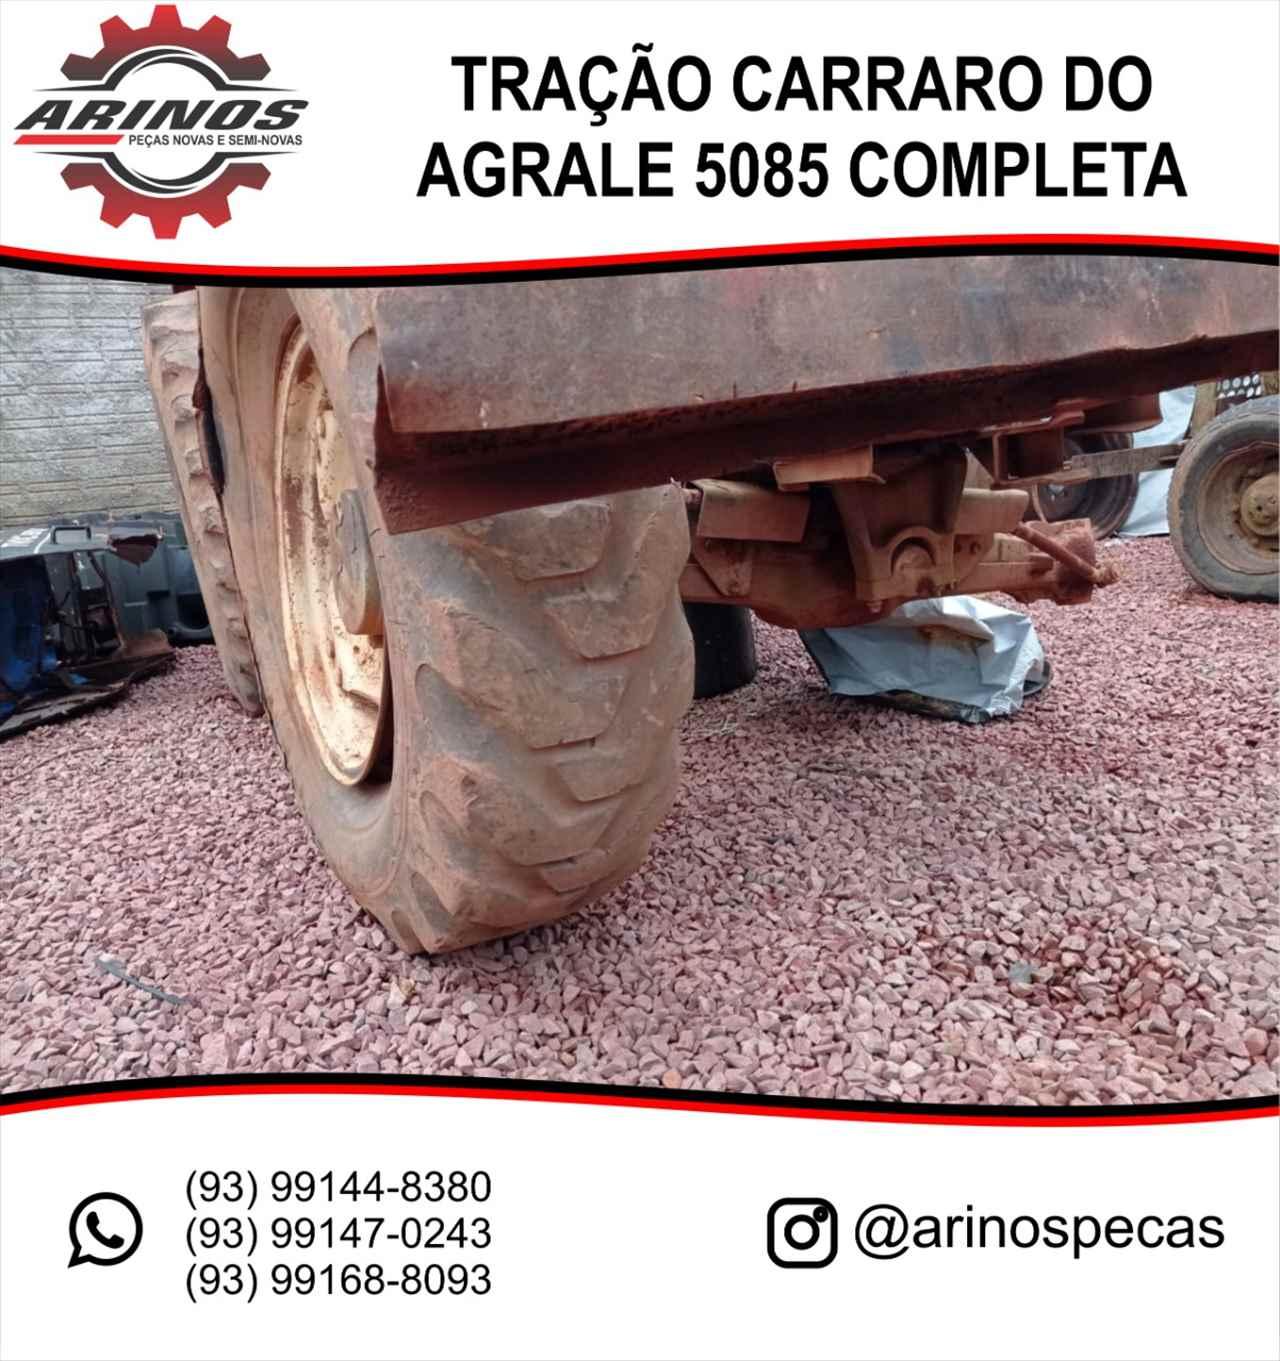 Arinos Peças Agrícolas   ITAITUBA PARÁ